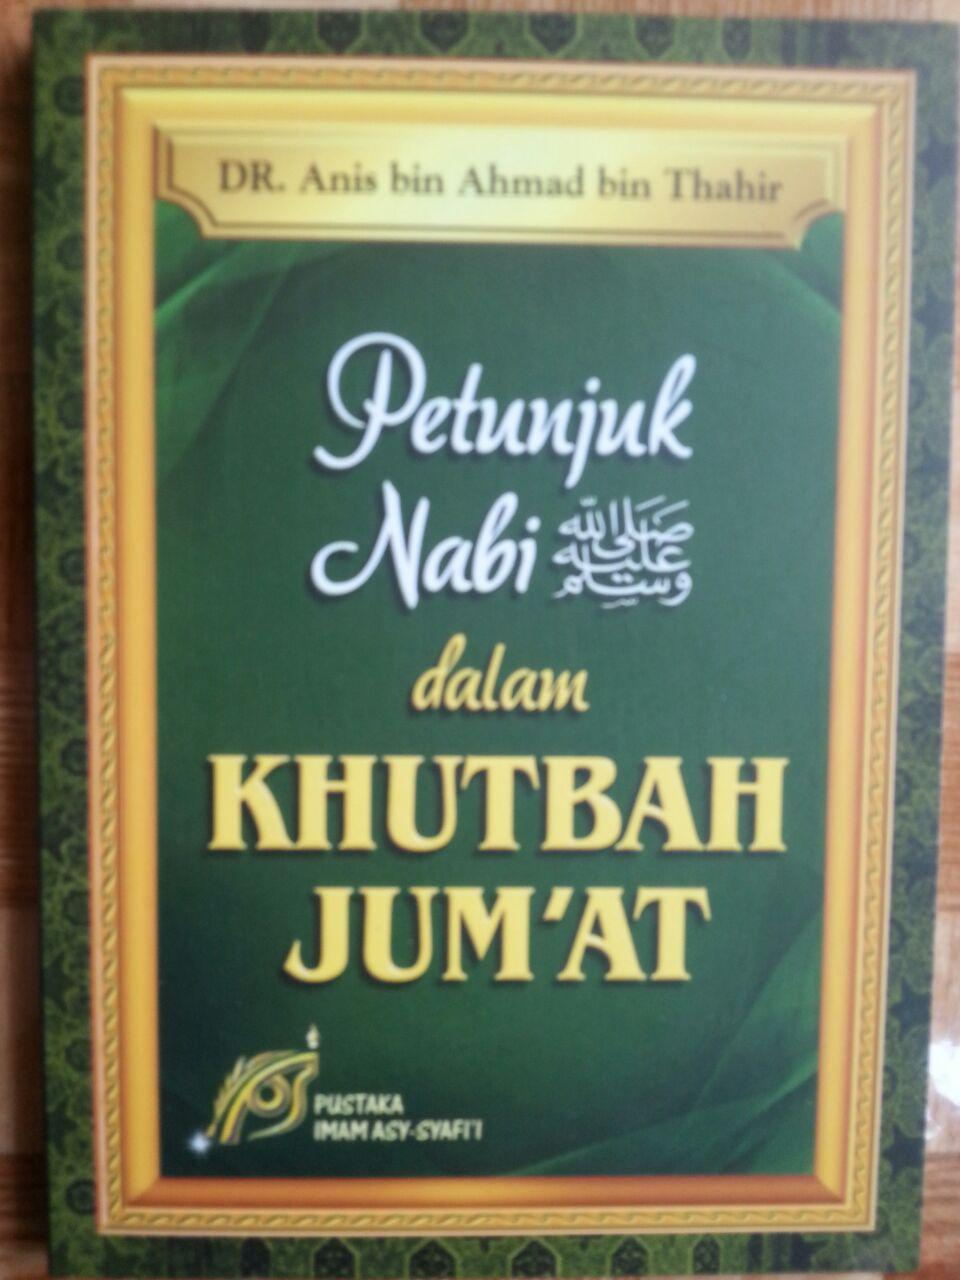 Buku Petunjuk Nabi Dalam Khutbah Jumat cover 2